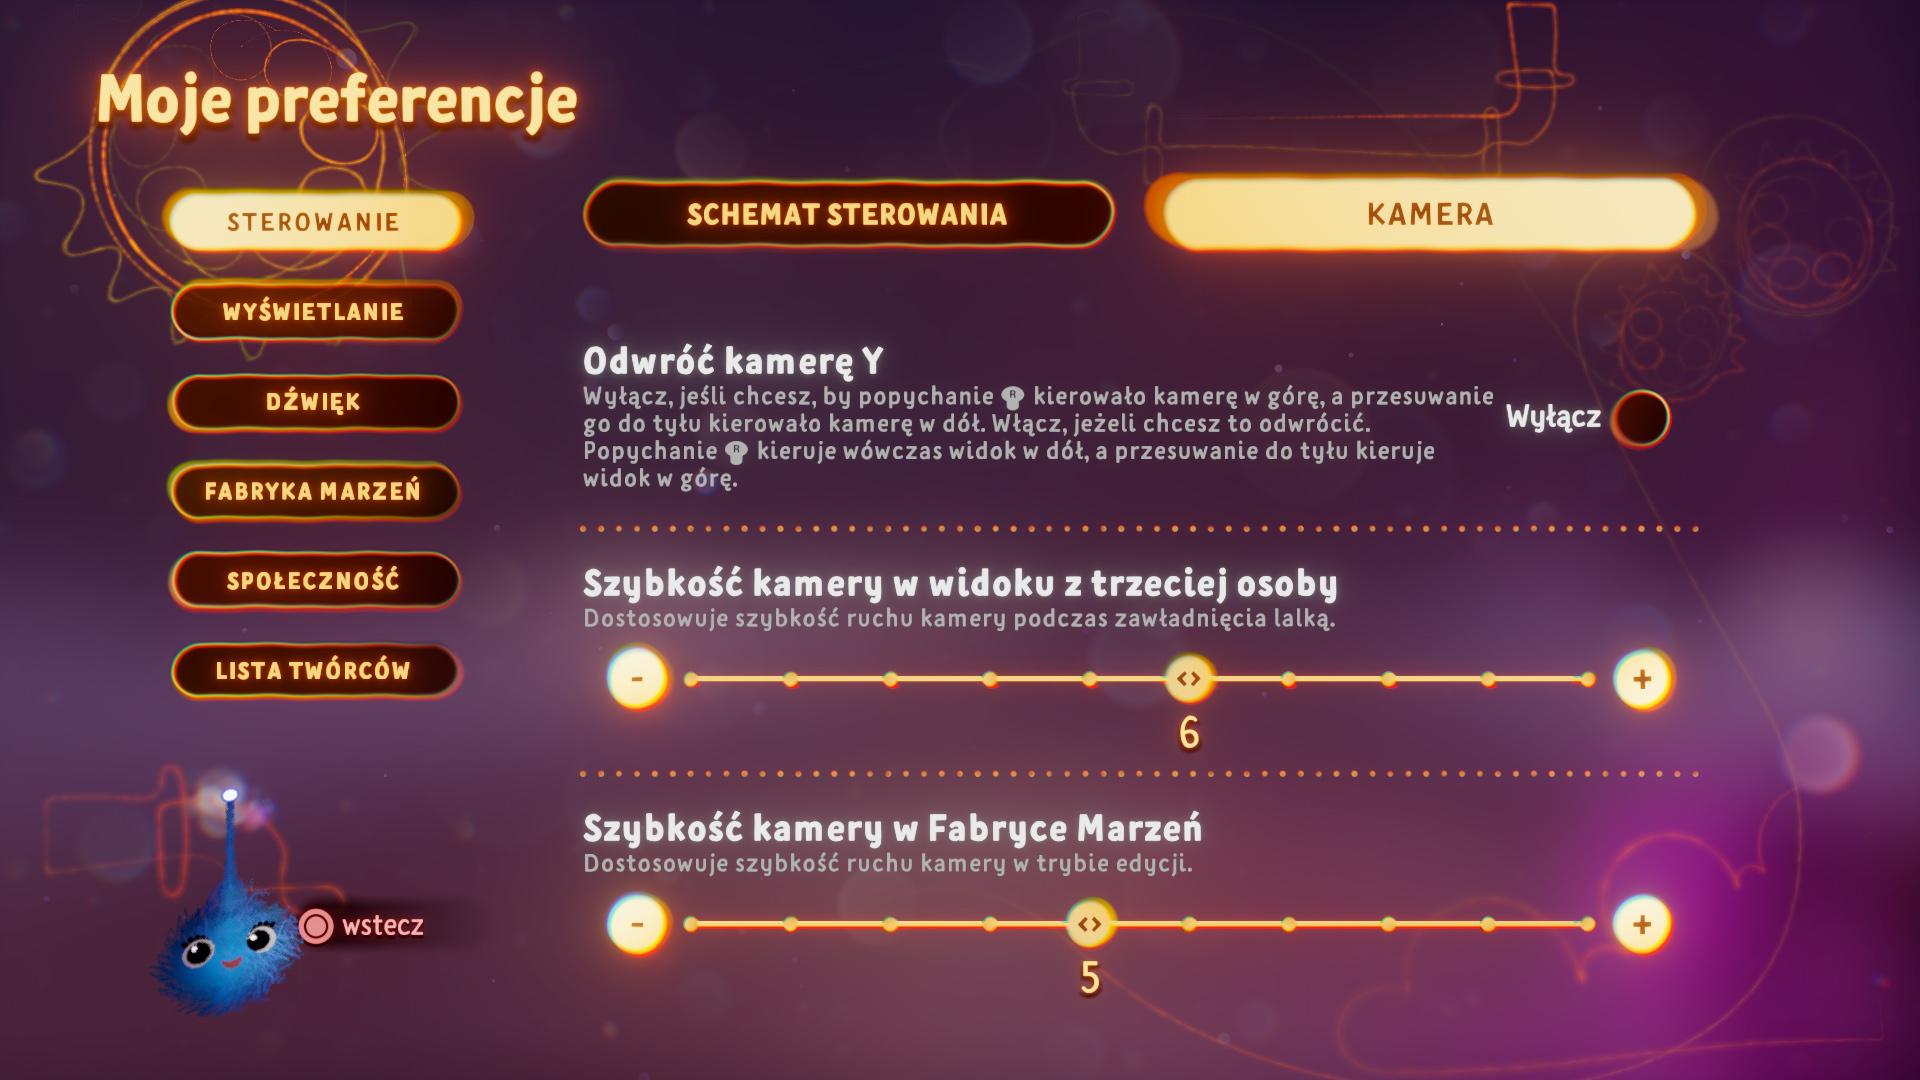 Zrzut ekranu przedstawiający opcje kamery w menu preferencji